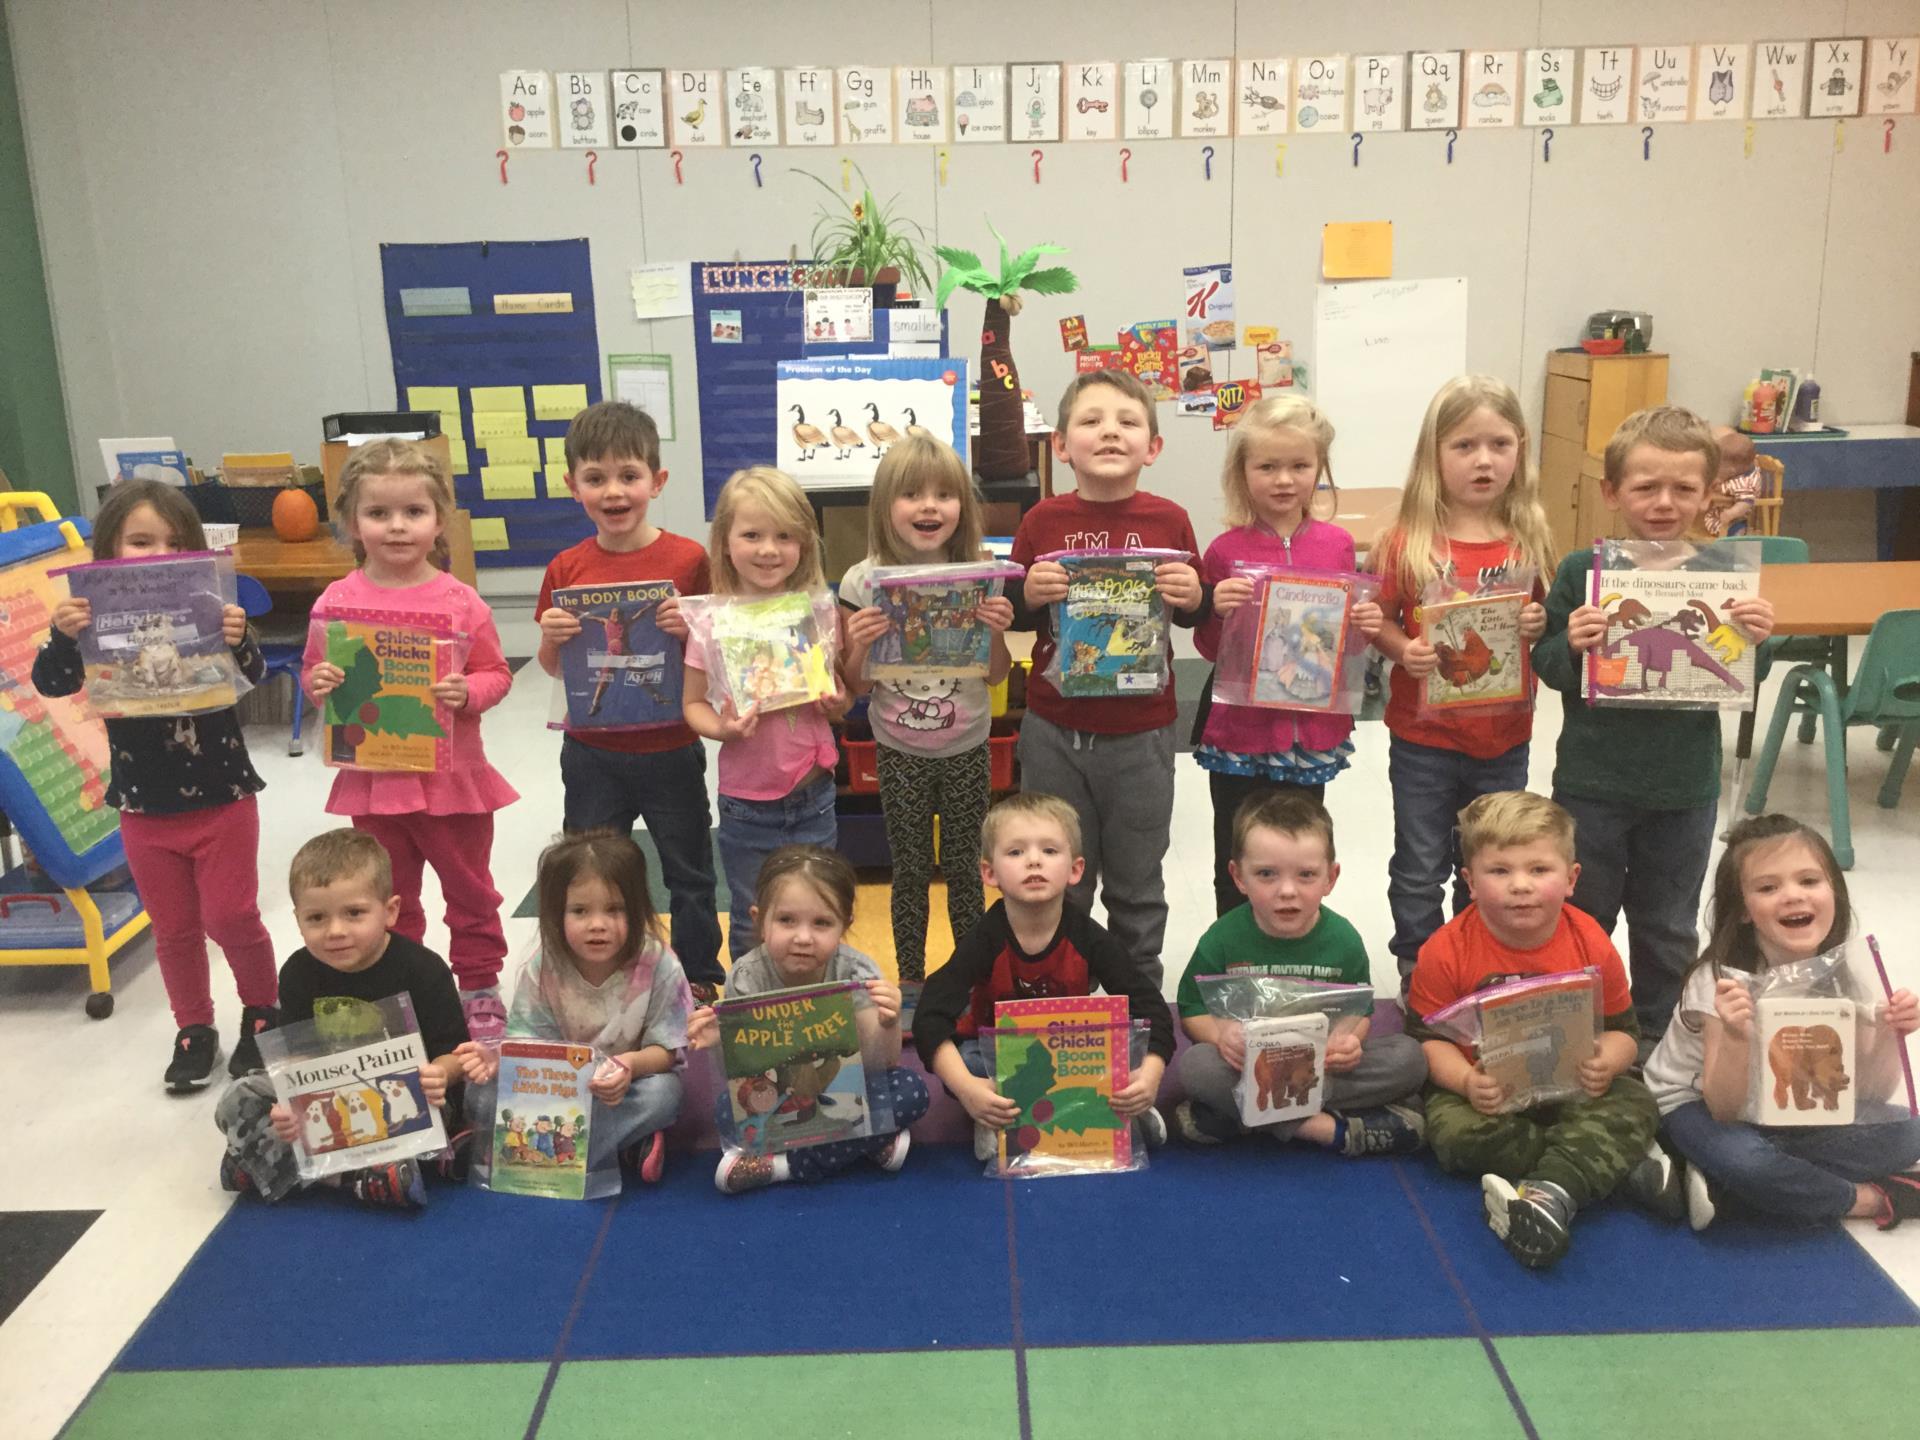 A pre-kindergarten class holds books